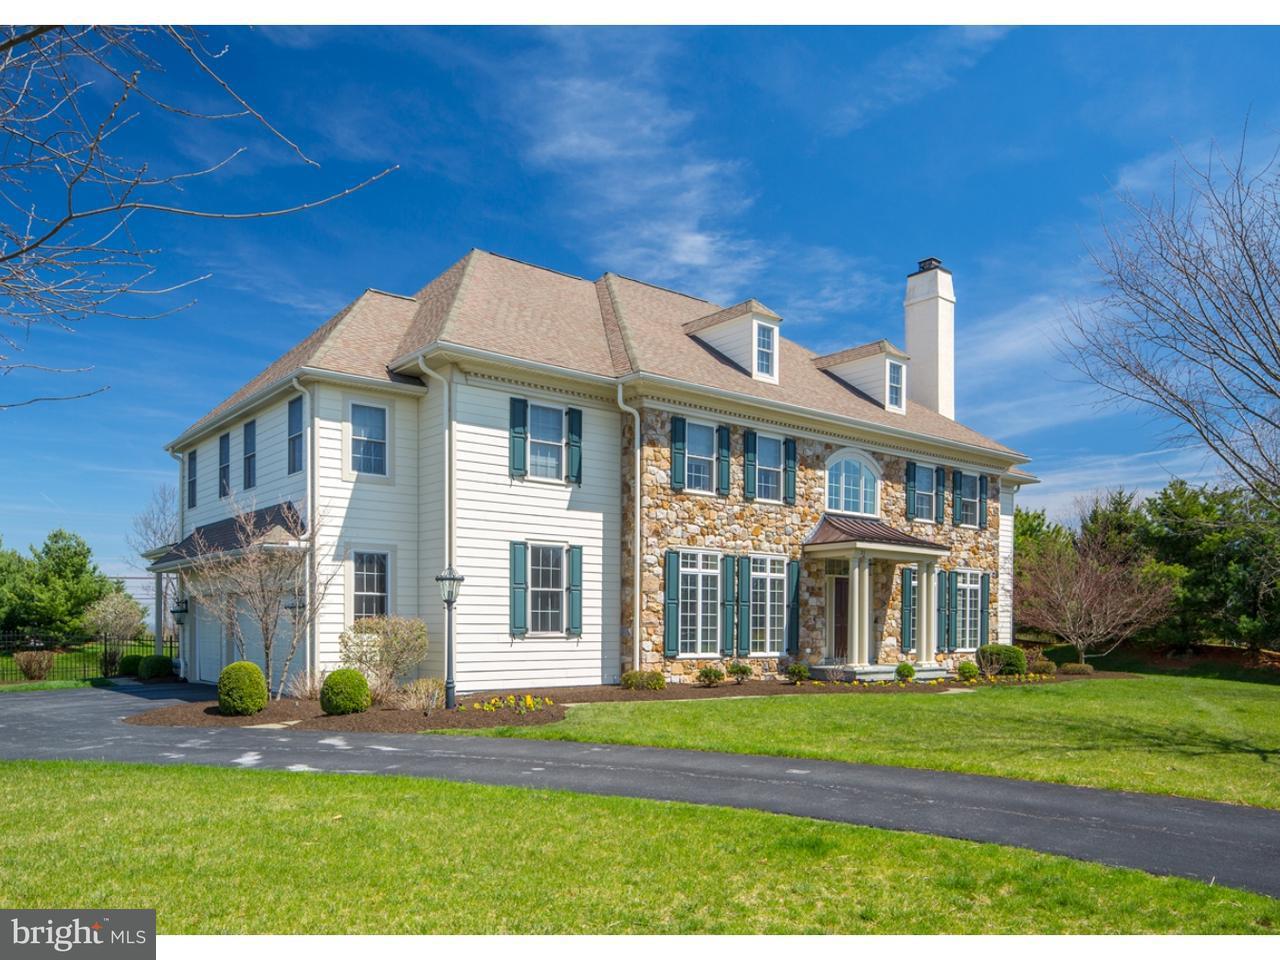 Maison unifamiliale pour l Vente à 21 EDGEHILL Lane Collegeville, Pennsylvanie 19426 États-Unis